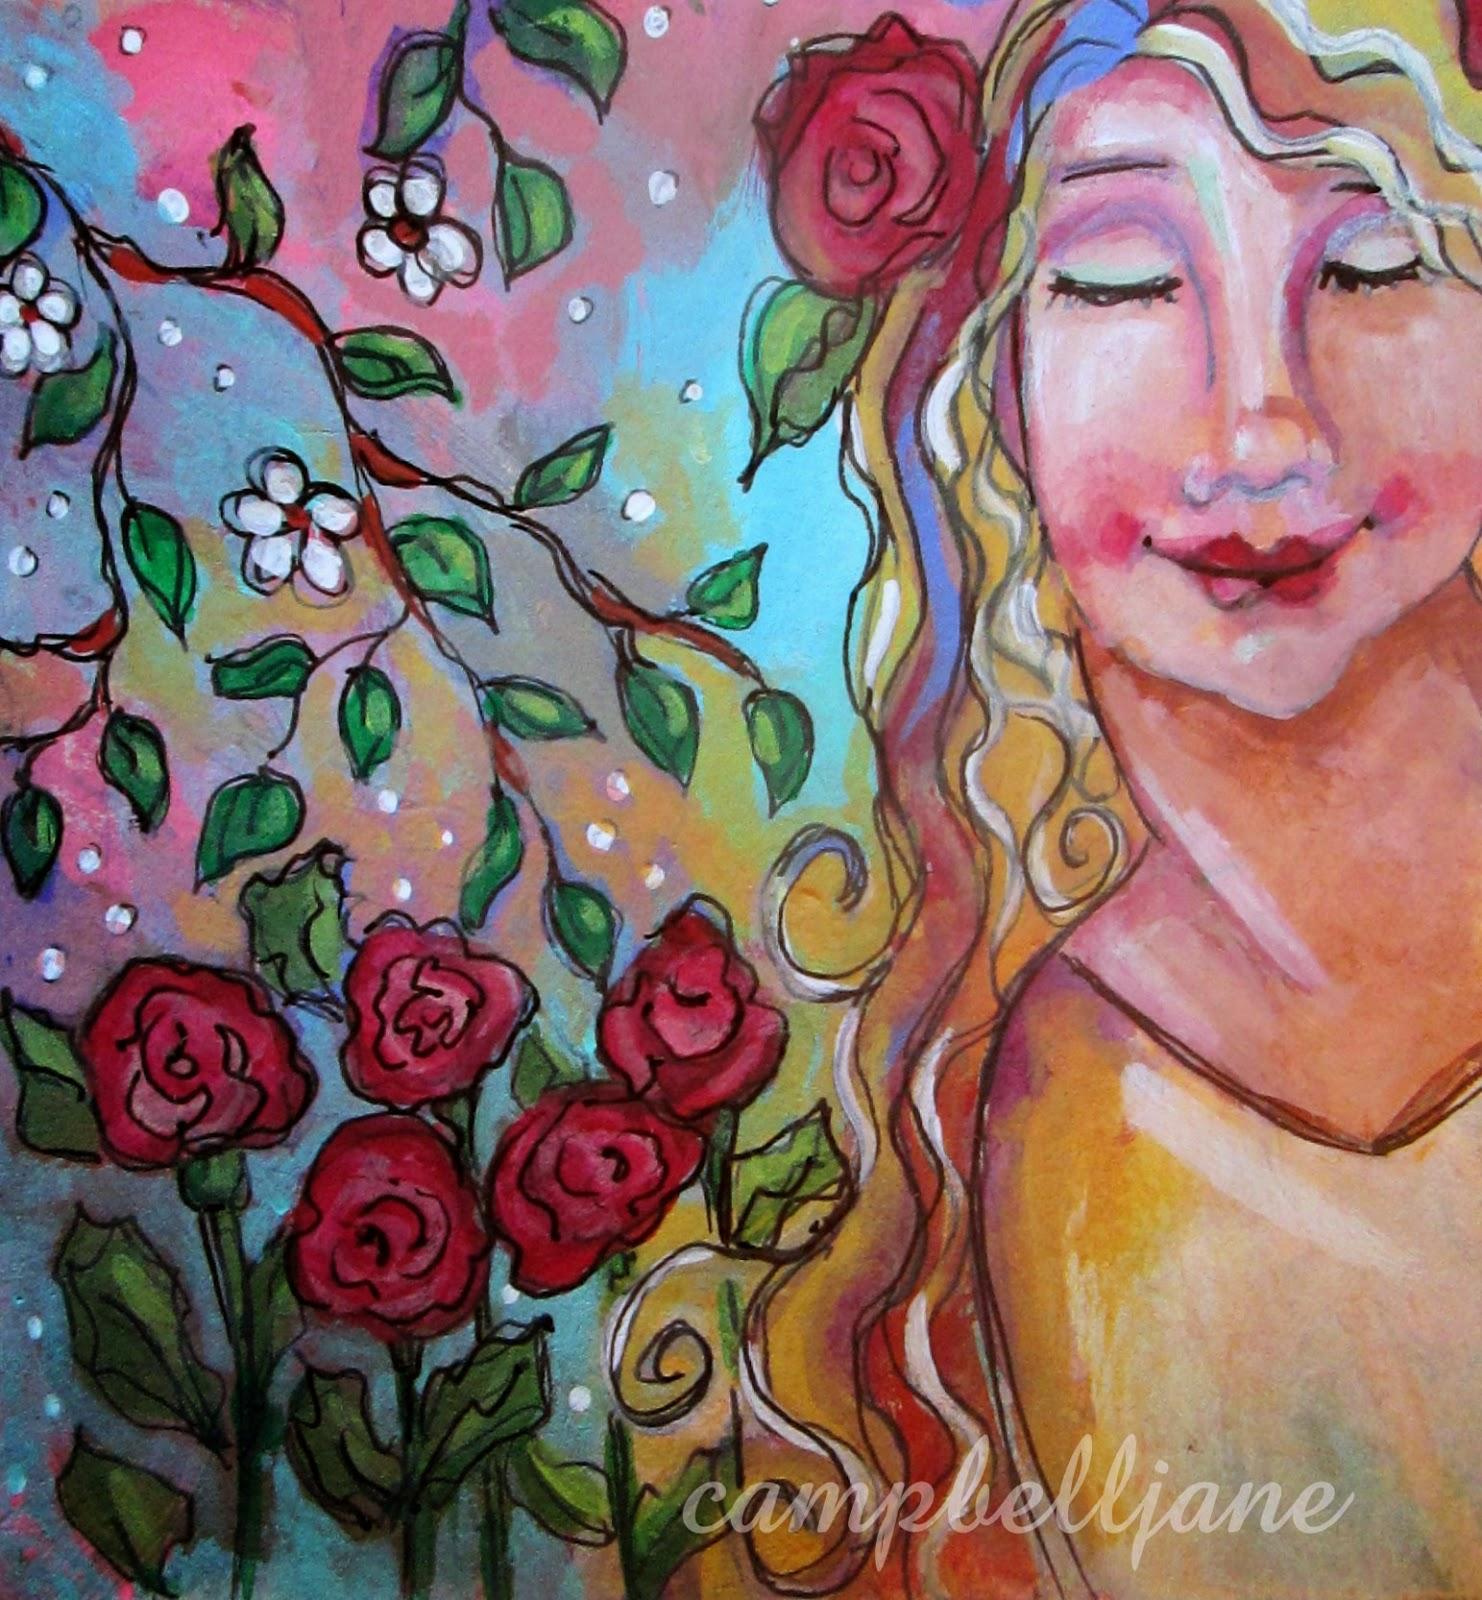 http://www.ebay.com/usr/folkartjane